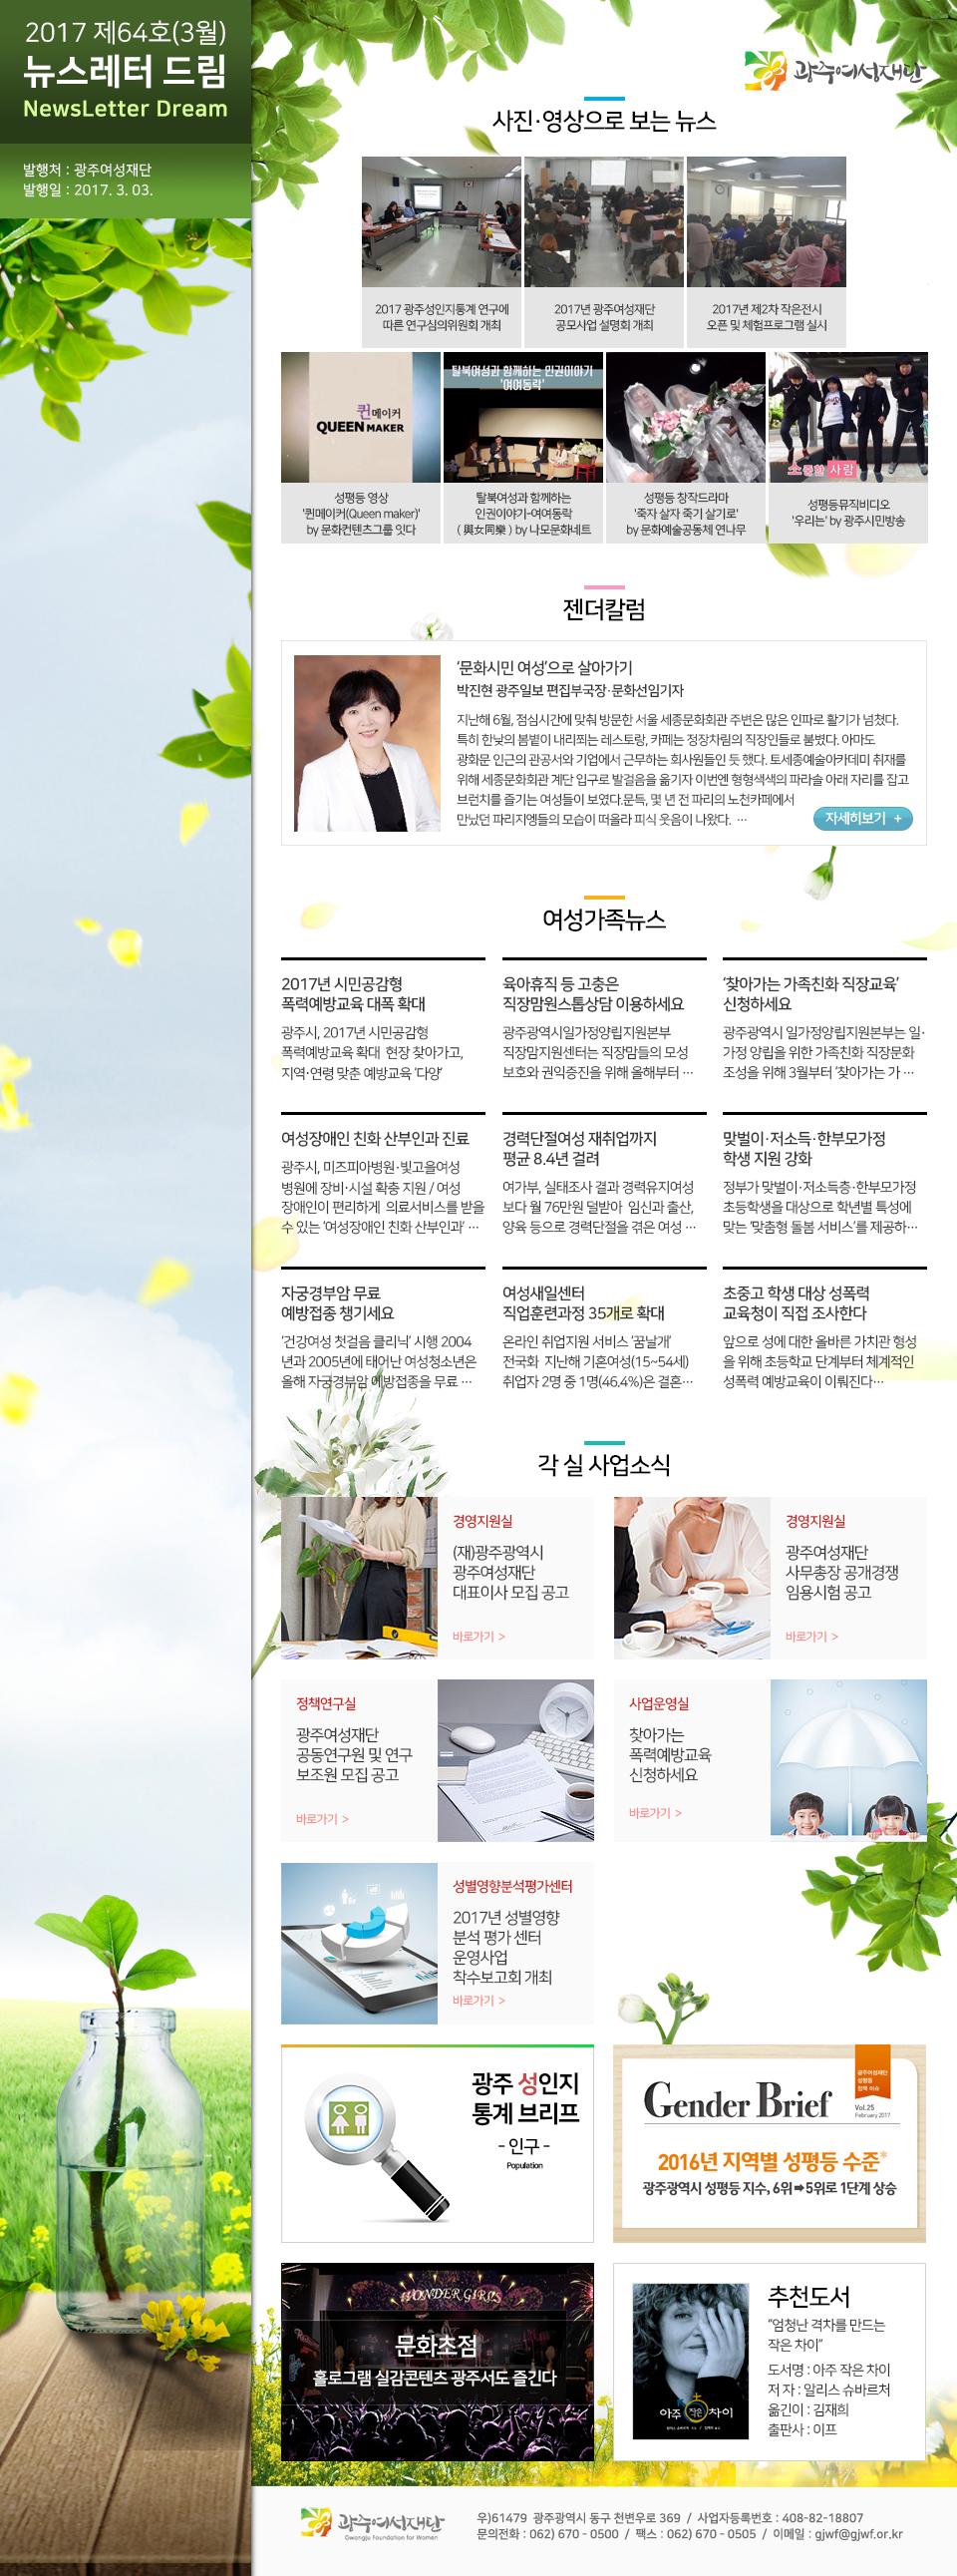 뉴스레터 드림 64호(17.03월) 썸네일